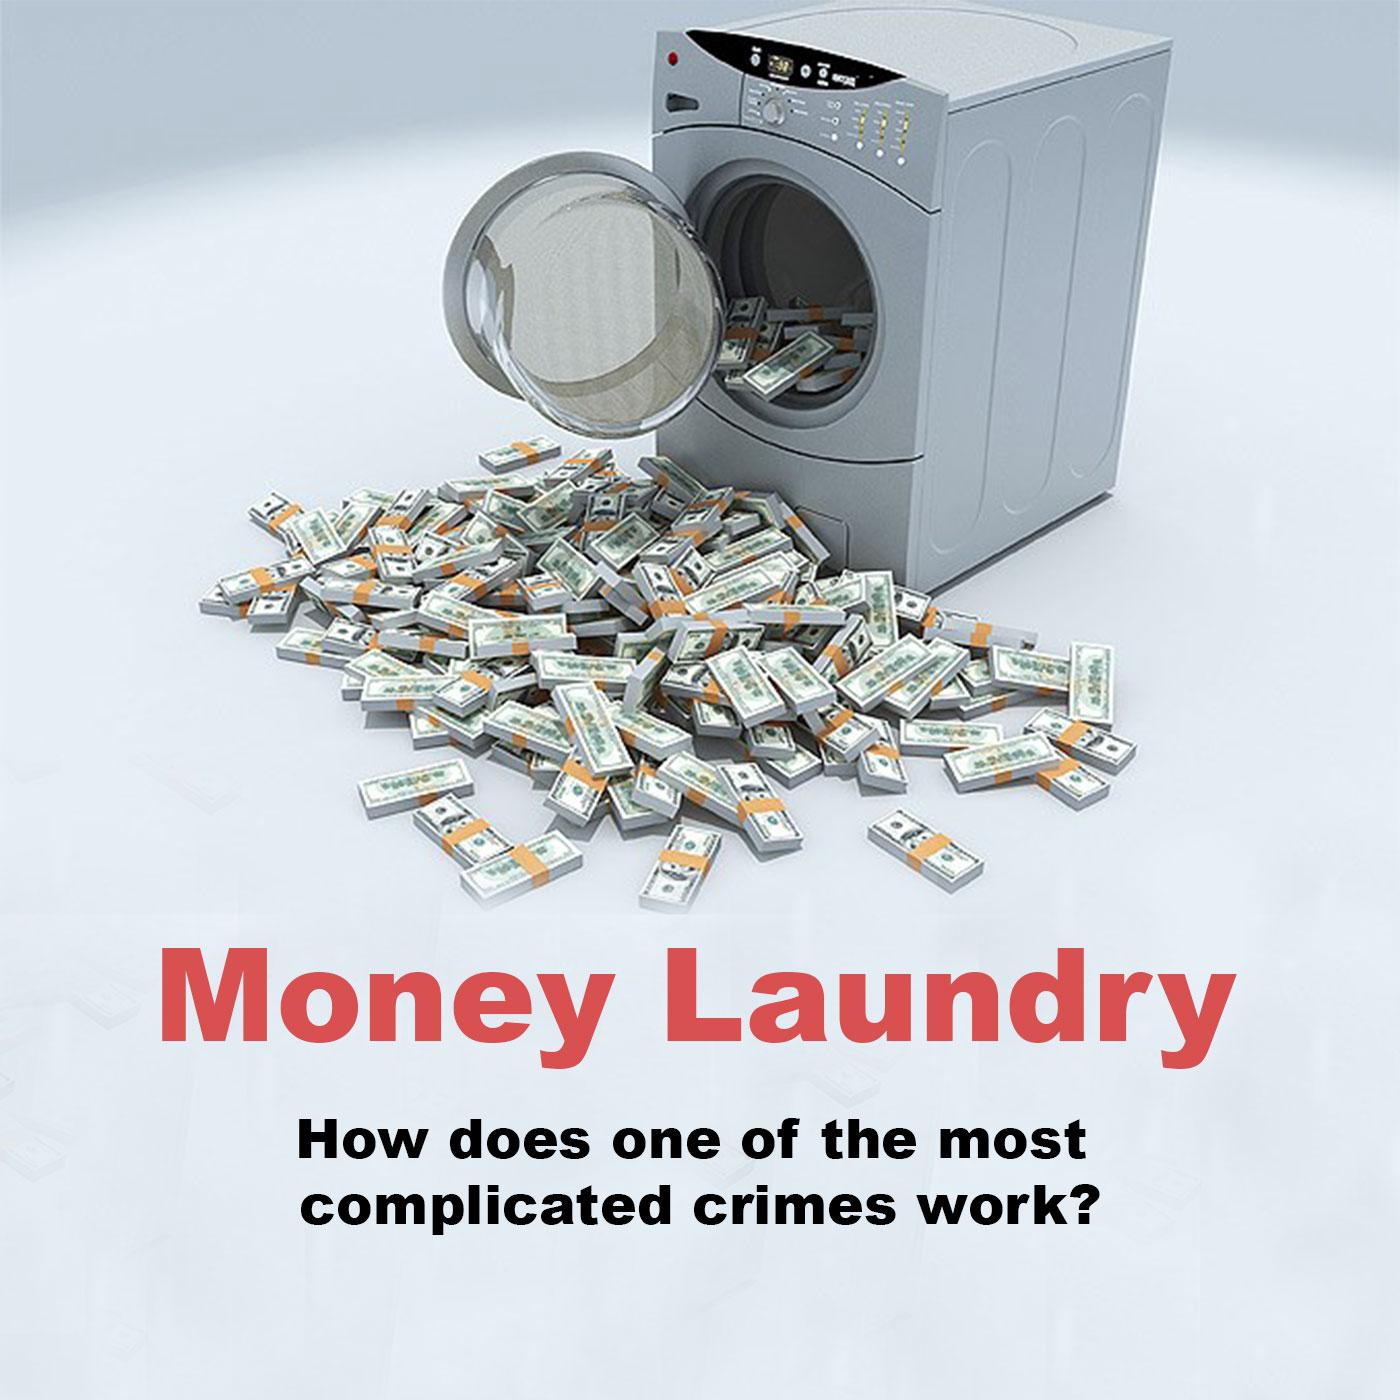 قسمت ششم: پولشویی/ یکی از پیچیده ترین جرائم دنیا چگونه انجام می شود؟